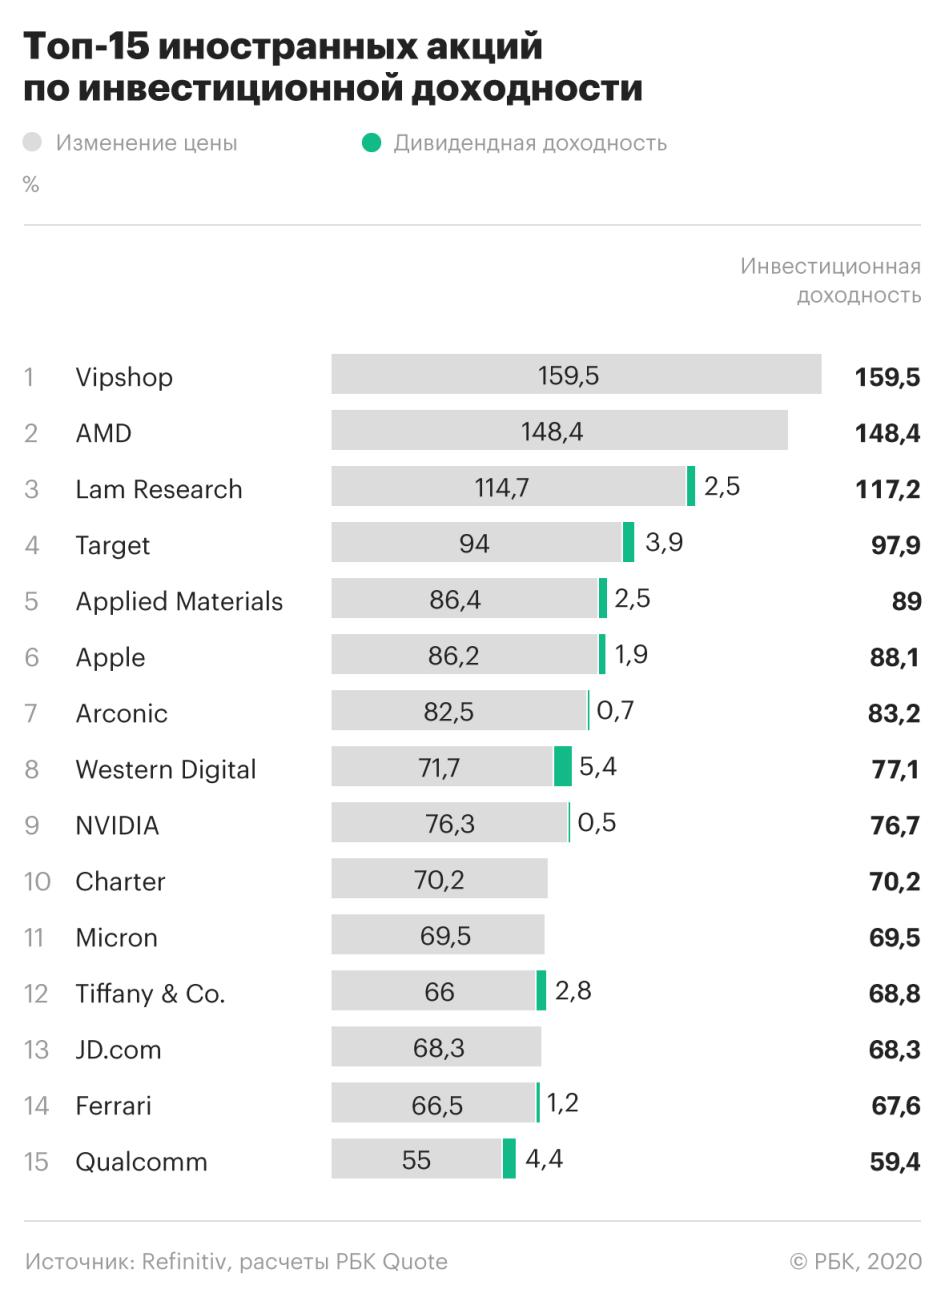 Лучшие иностранные акции 2019 года. Какую прибыль они могли принести